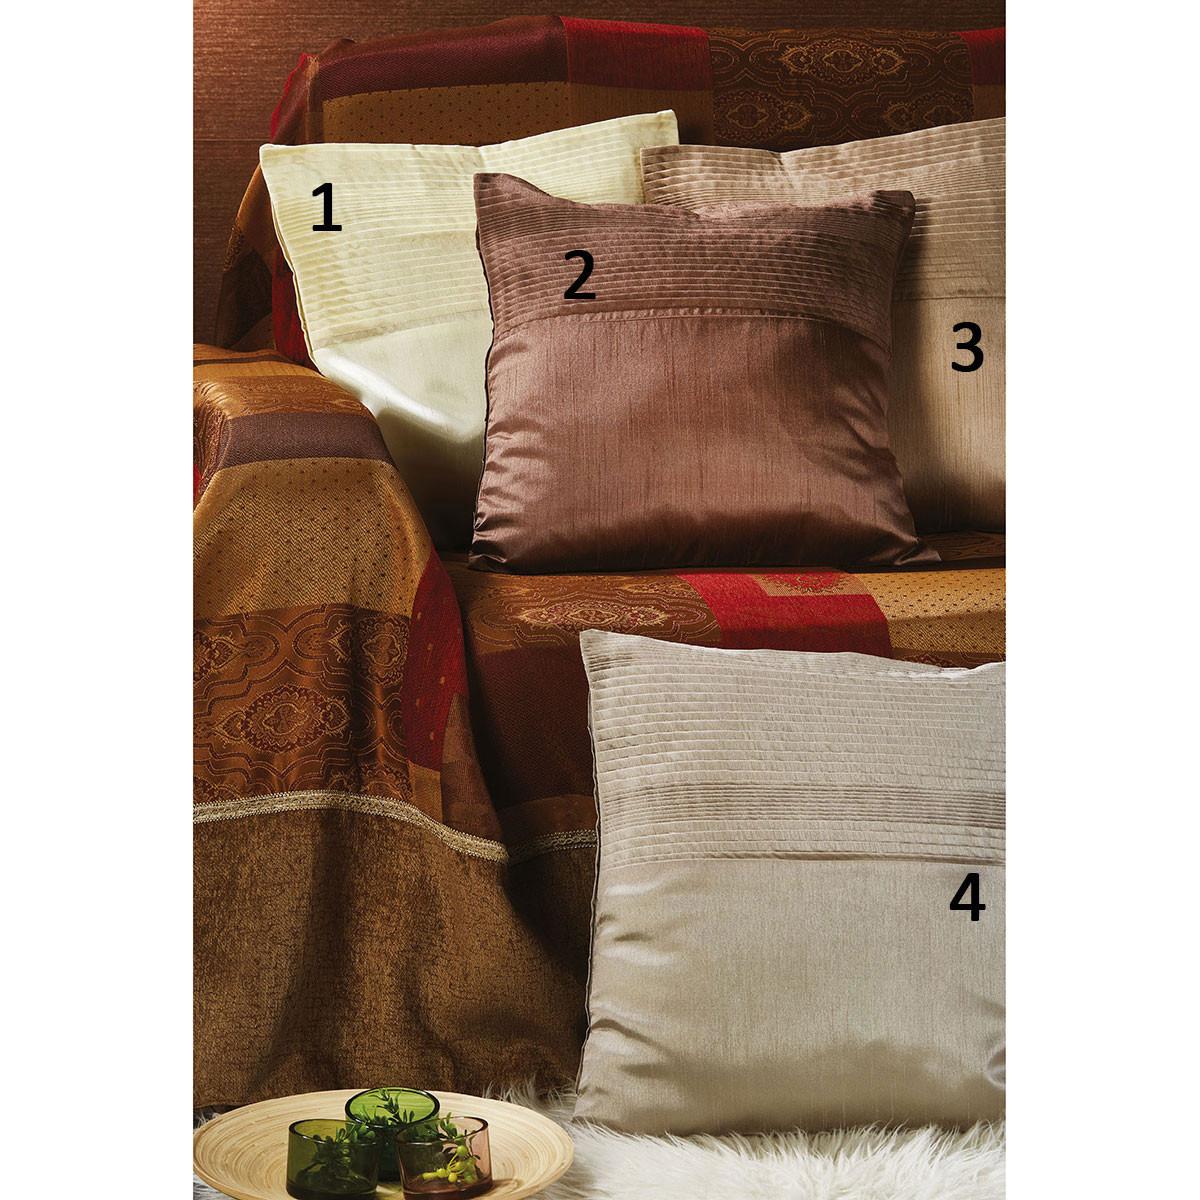 Διακοσμητική Μαξιλαροθήκη White Egg MA12 home   σαλόνι   διακοσμητικά μαξιλάρια